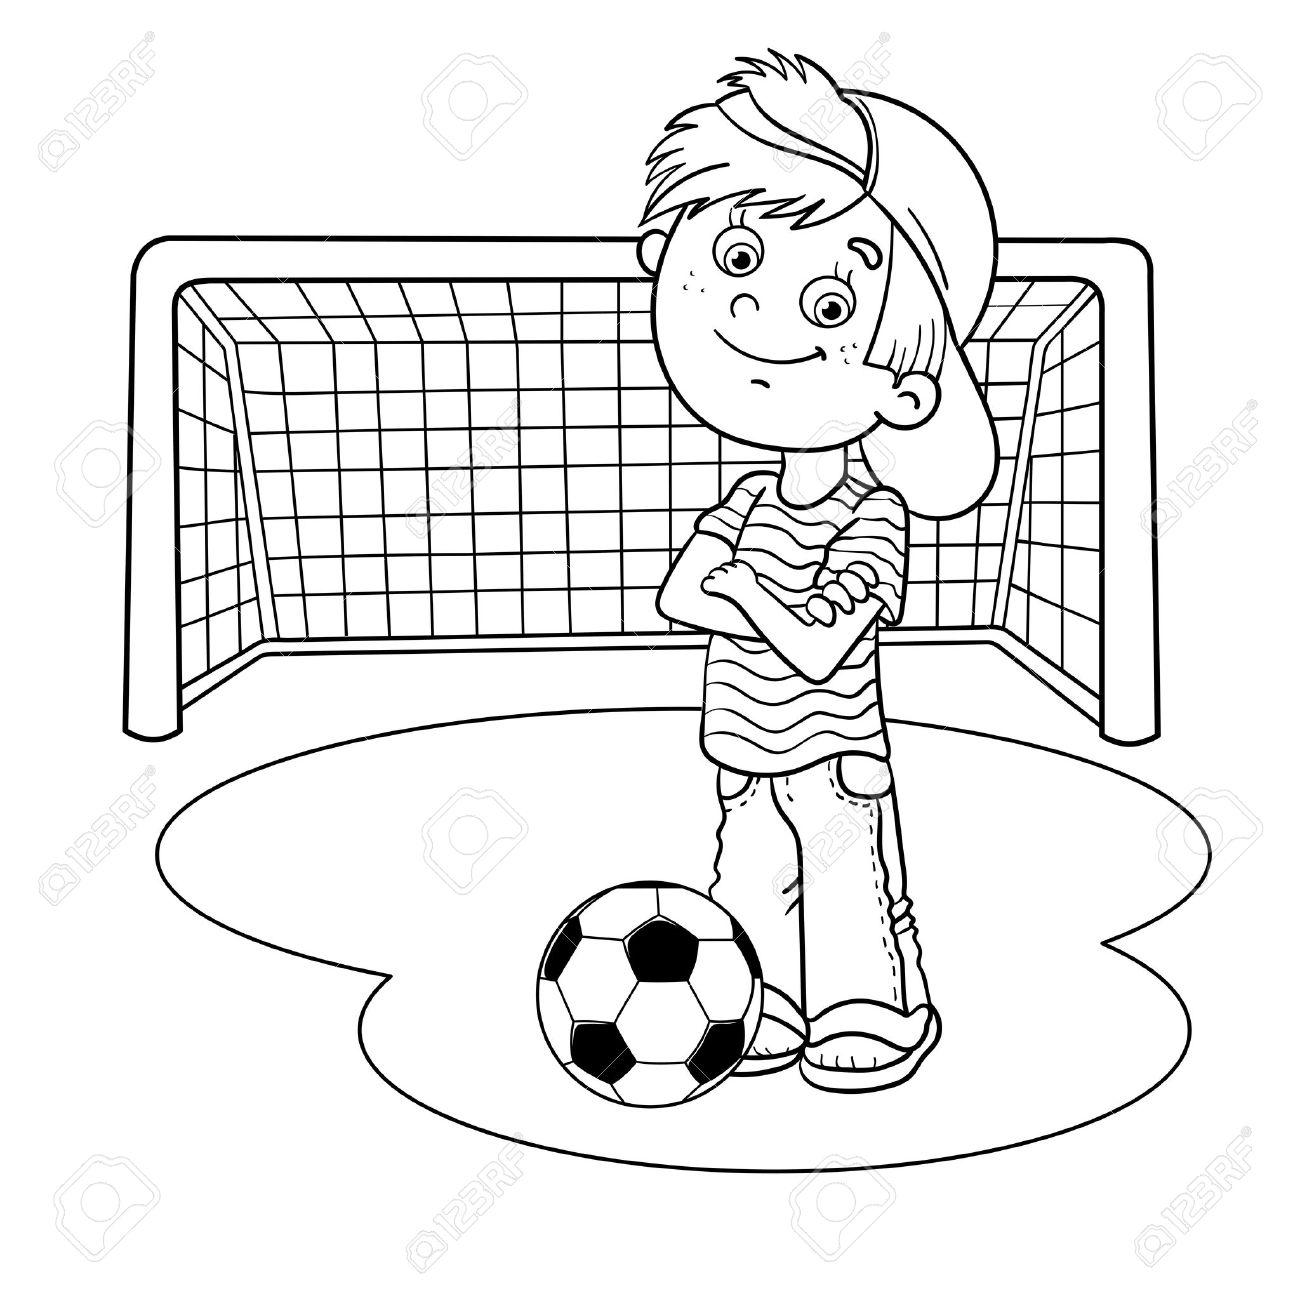 Esquema Página Para Colorear De Un Muchacho De Dibujos Animados Con Un Balón De Fútbol Y La Meta De Fútbol